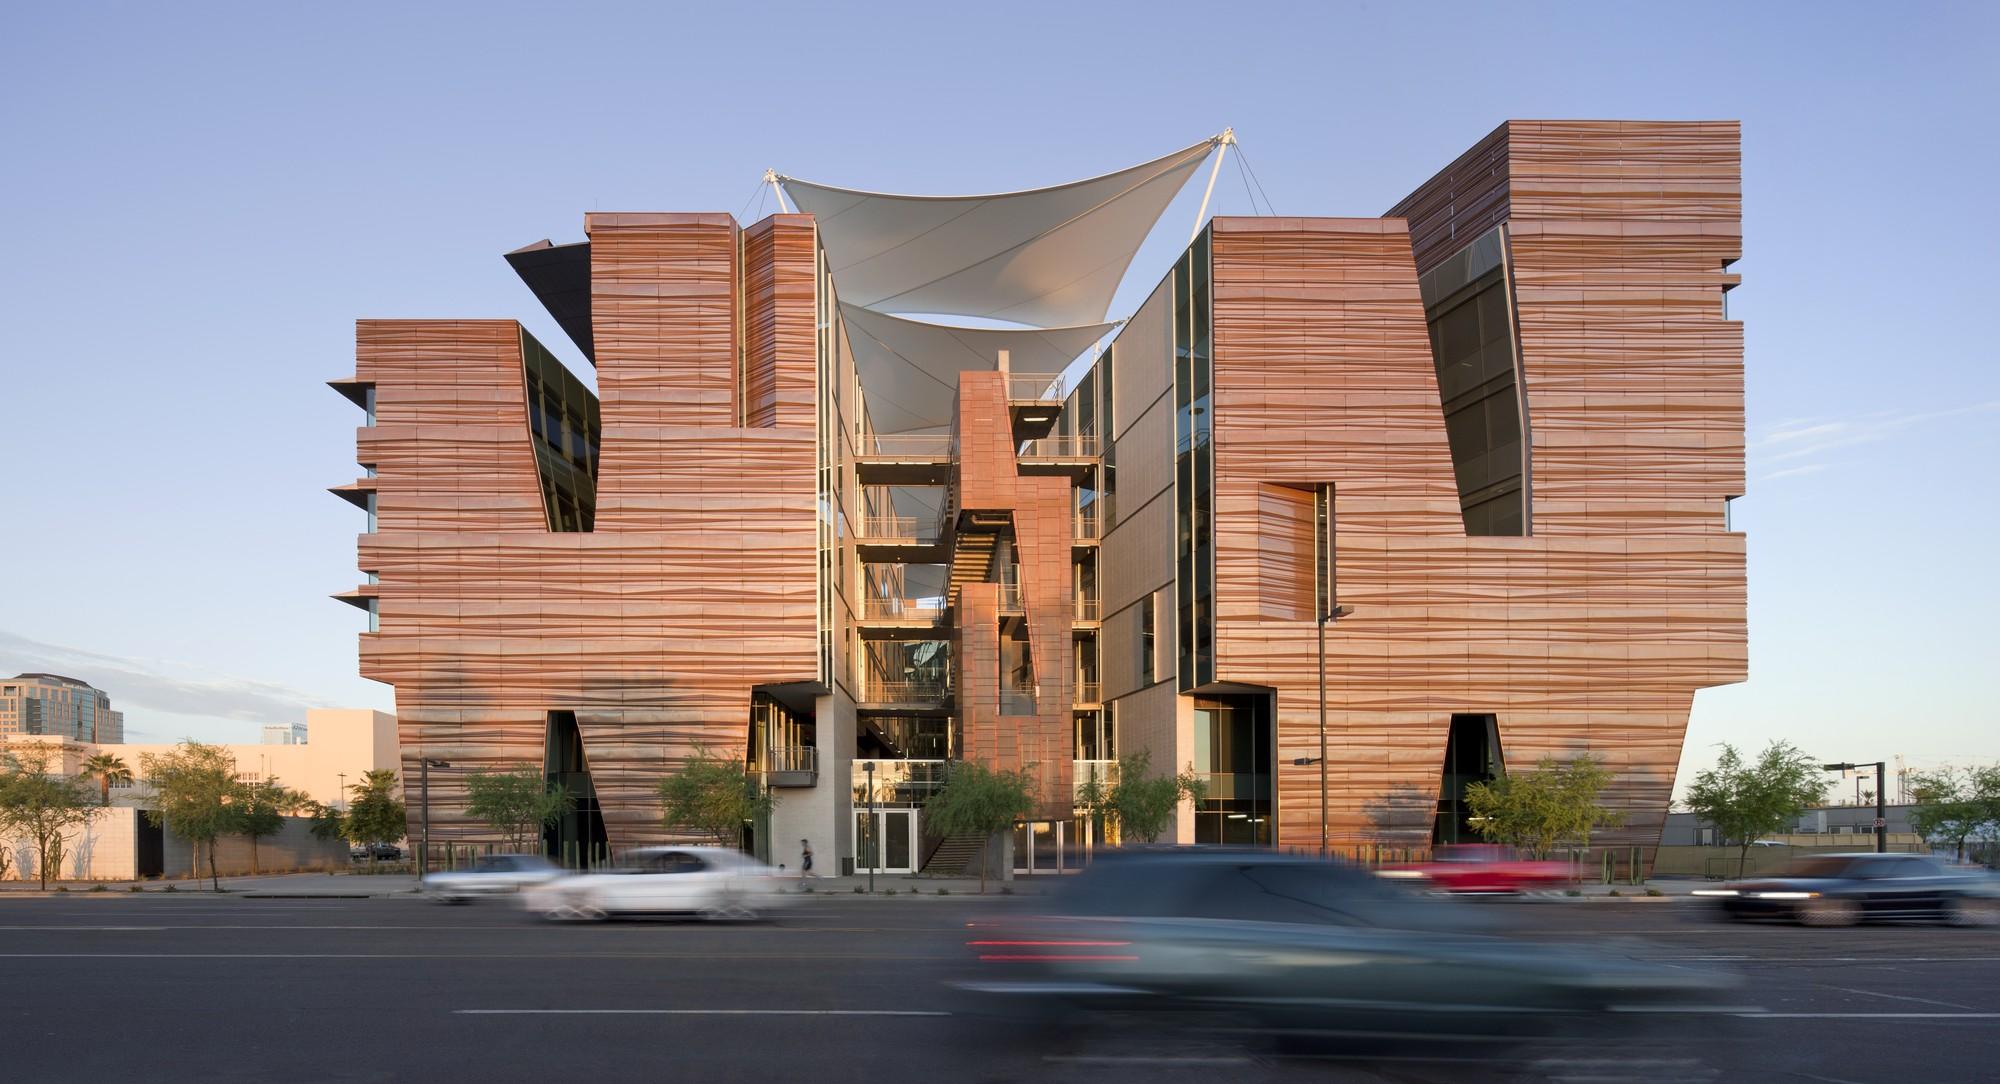 Interior Design School Tucson Arizona